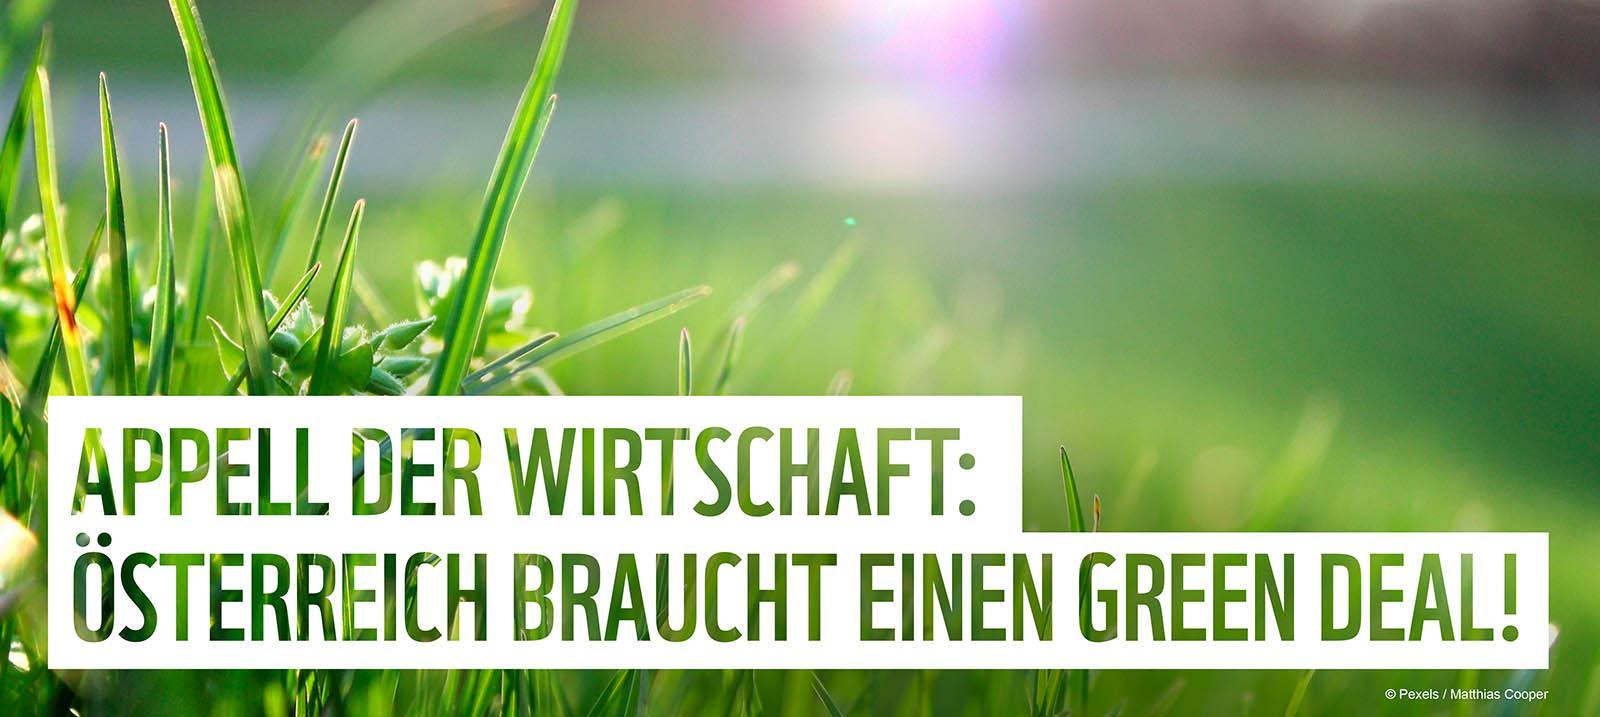 Appell der Wirtschaft: Österreich braucht einen Green Deal